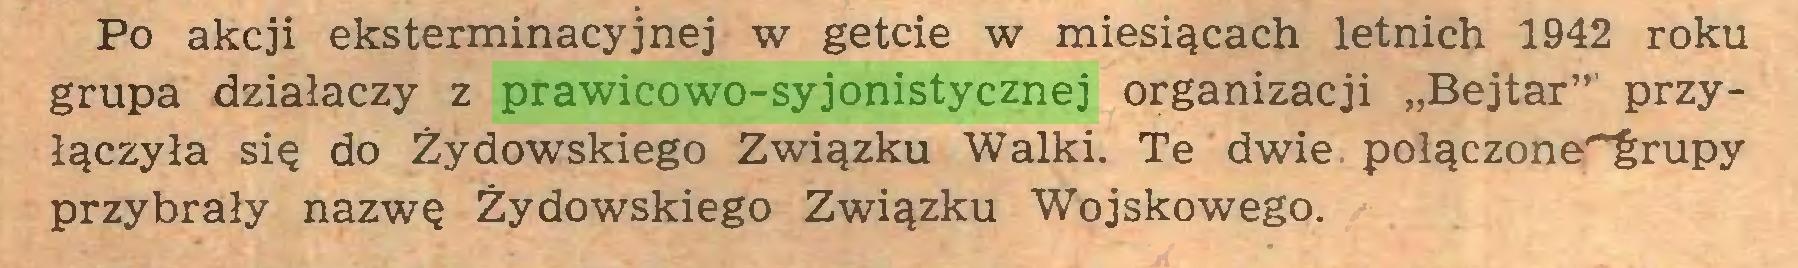 """(...) Po akcji eksterminacyjnej w getcie w miesiącach letnich 1942 roku grupa działaczy z prawicowo-syjonistycznej organizacji """"Bejtar"""" przyłączyła się do Żydowskiego Związku Walki. Te dwie. połączone^rupy przybrały nazwę Żydowskiego Związku Wojskowego..."""